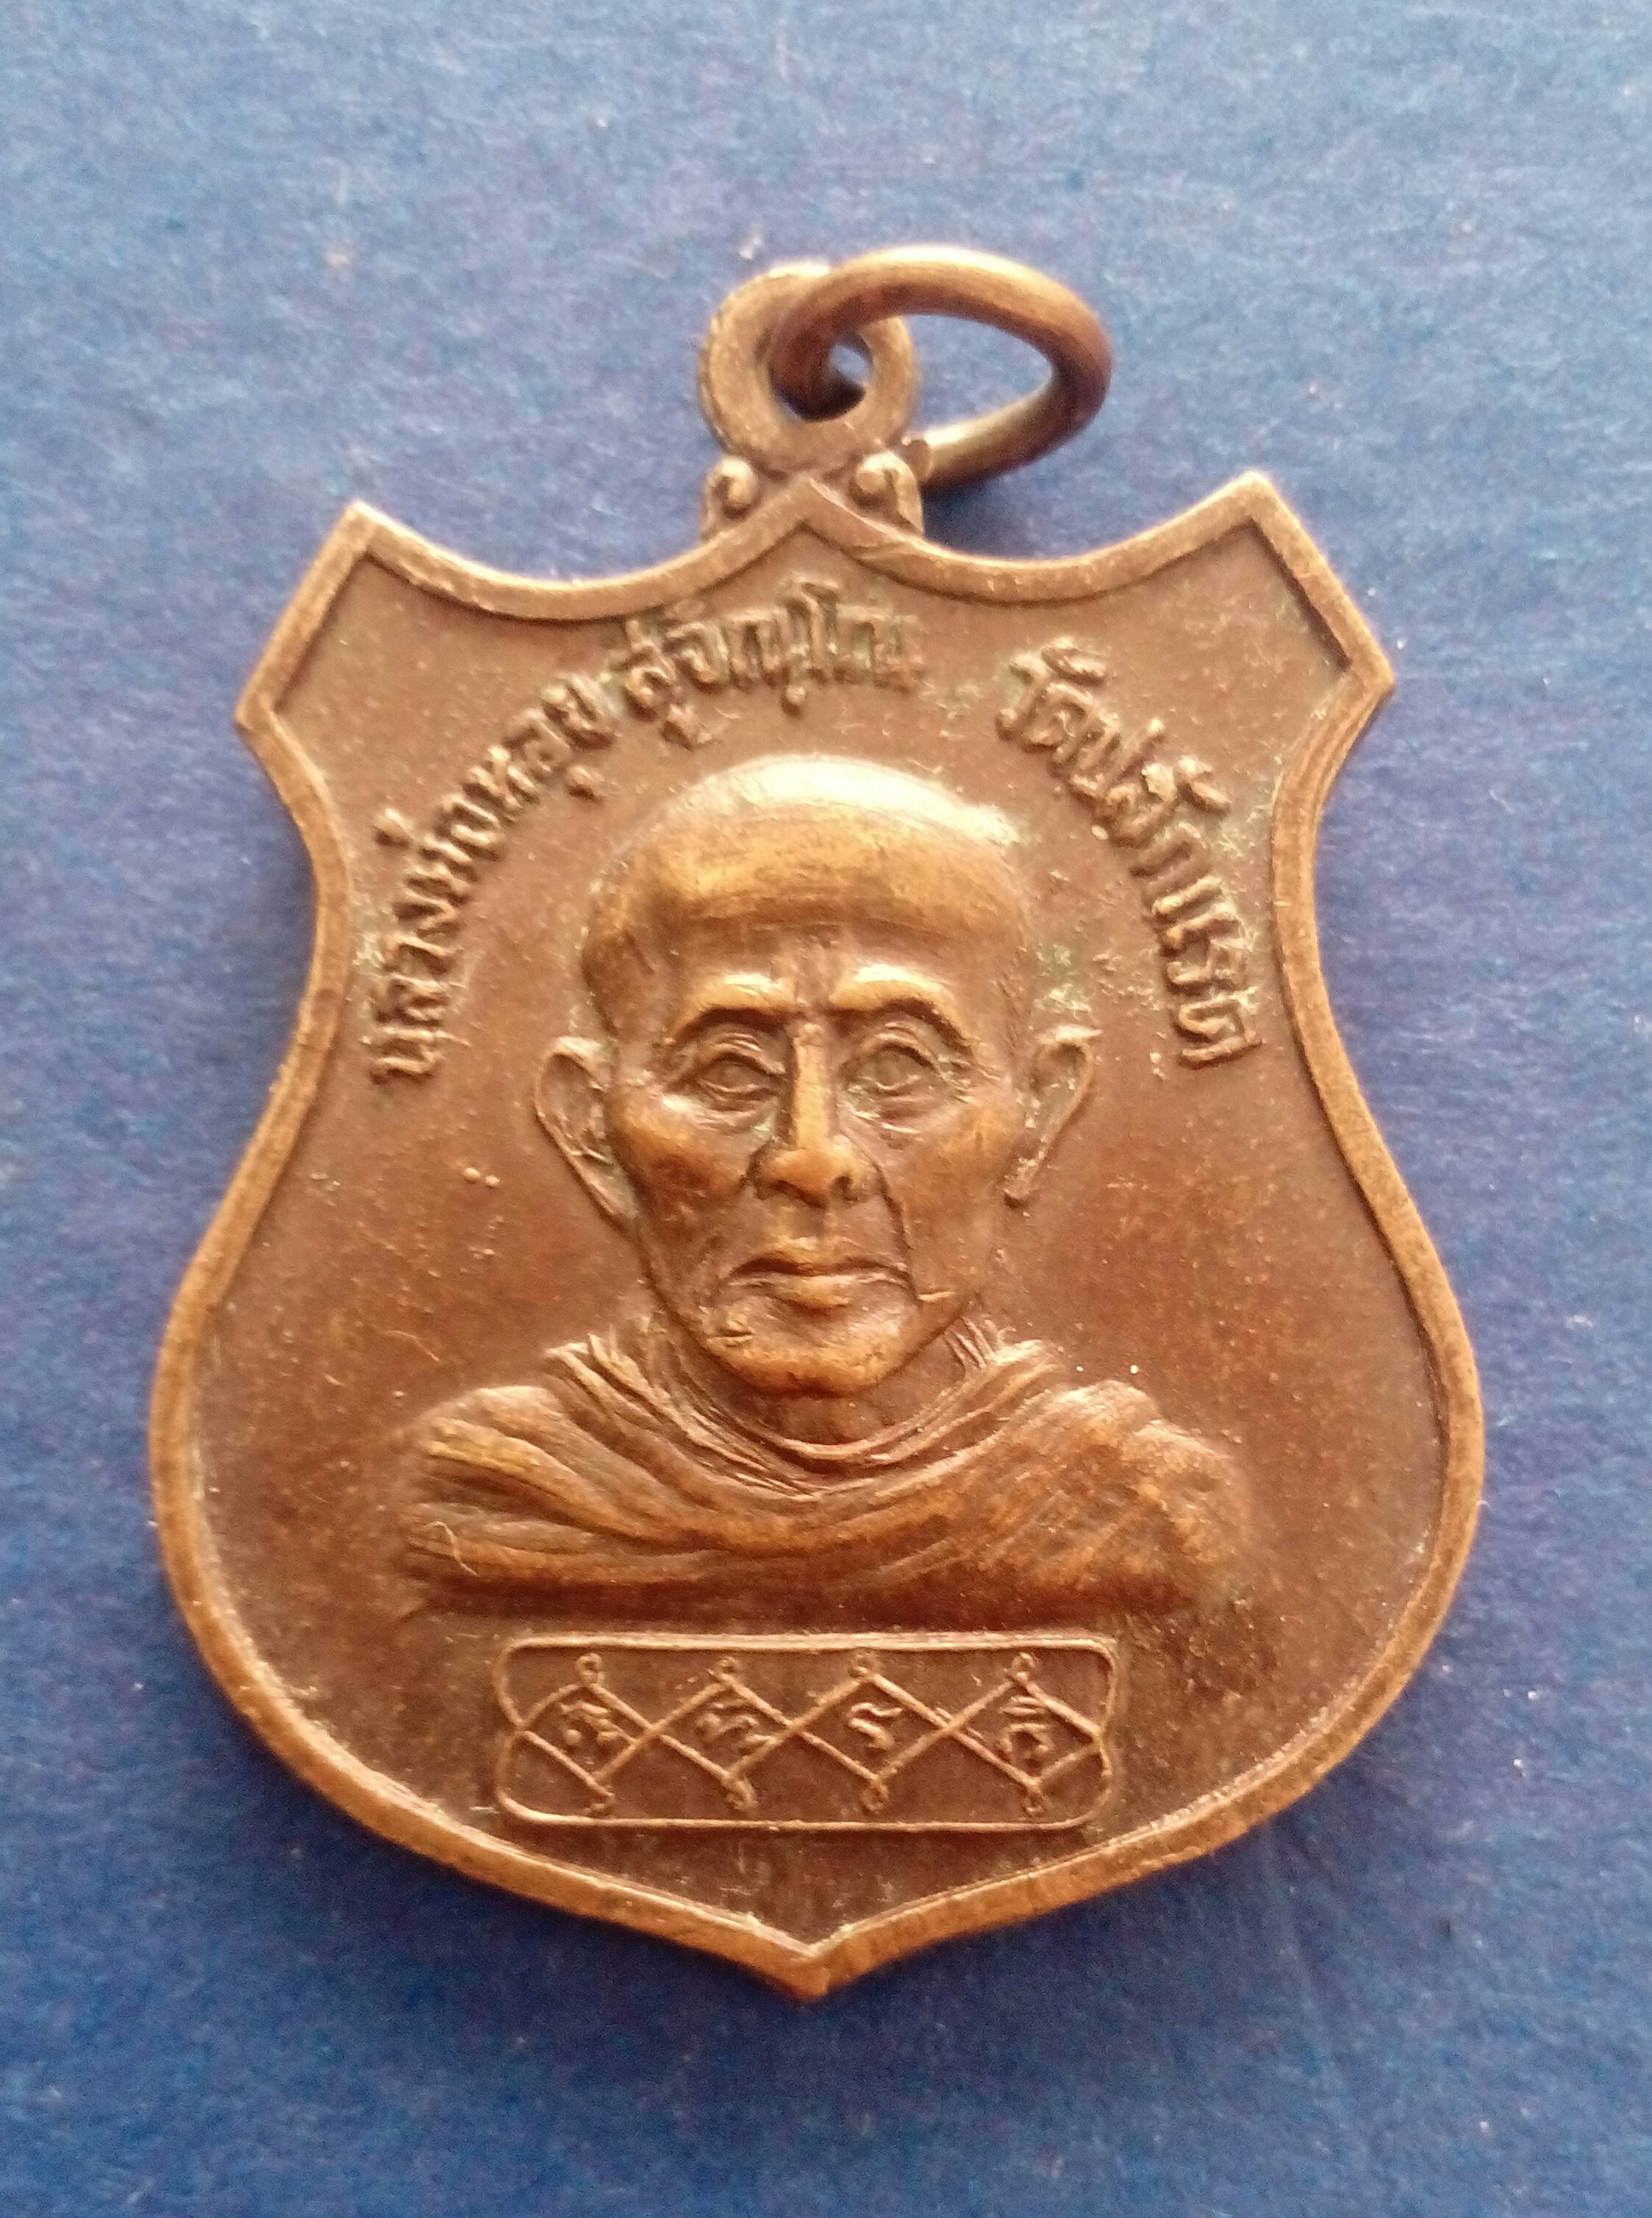 เหรียญหลวงพ่อหลุย วัดปลักแรด อ.บ้านโป่ง จ.ราชบุรี ปี ๒๕๒๖ รุ่นพิเศษ